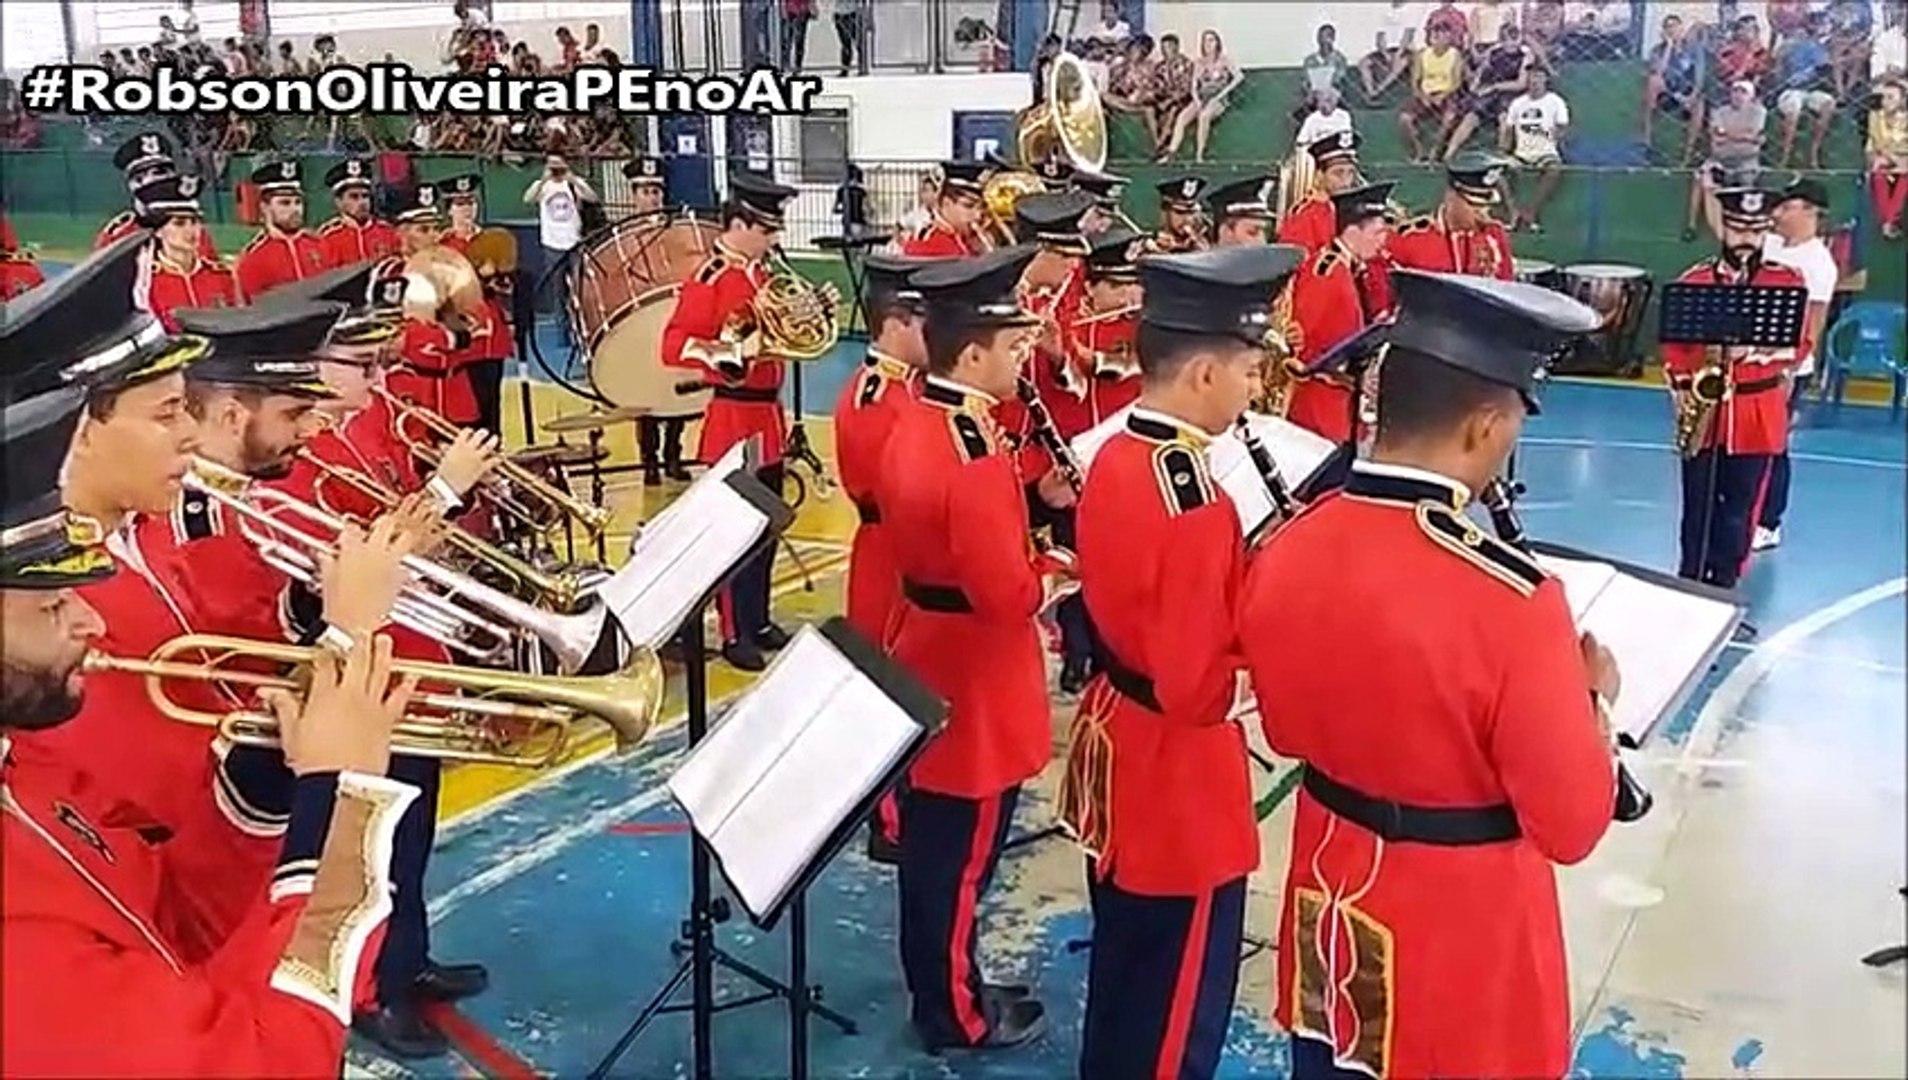 VI COPA NACIONAL DE CAMPEÃS BANDA MUSICAL MÁSTER DEVALDO BORGES-PE